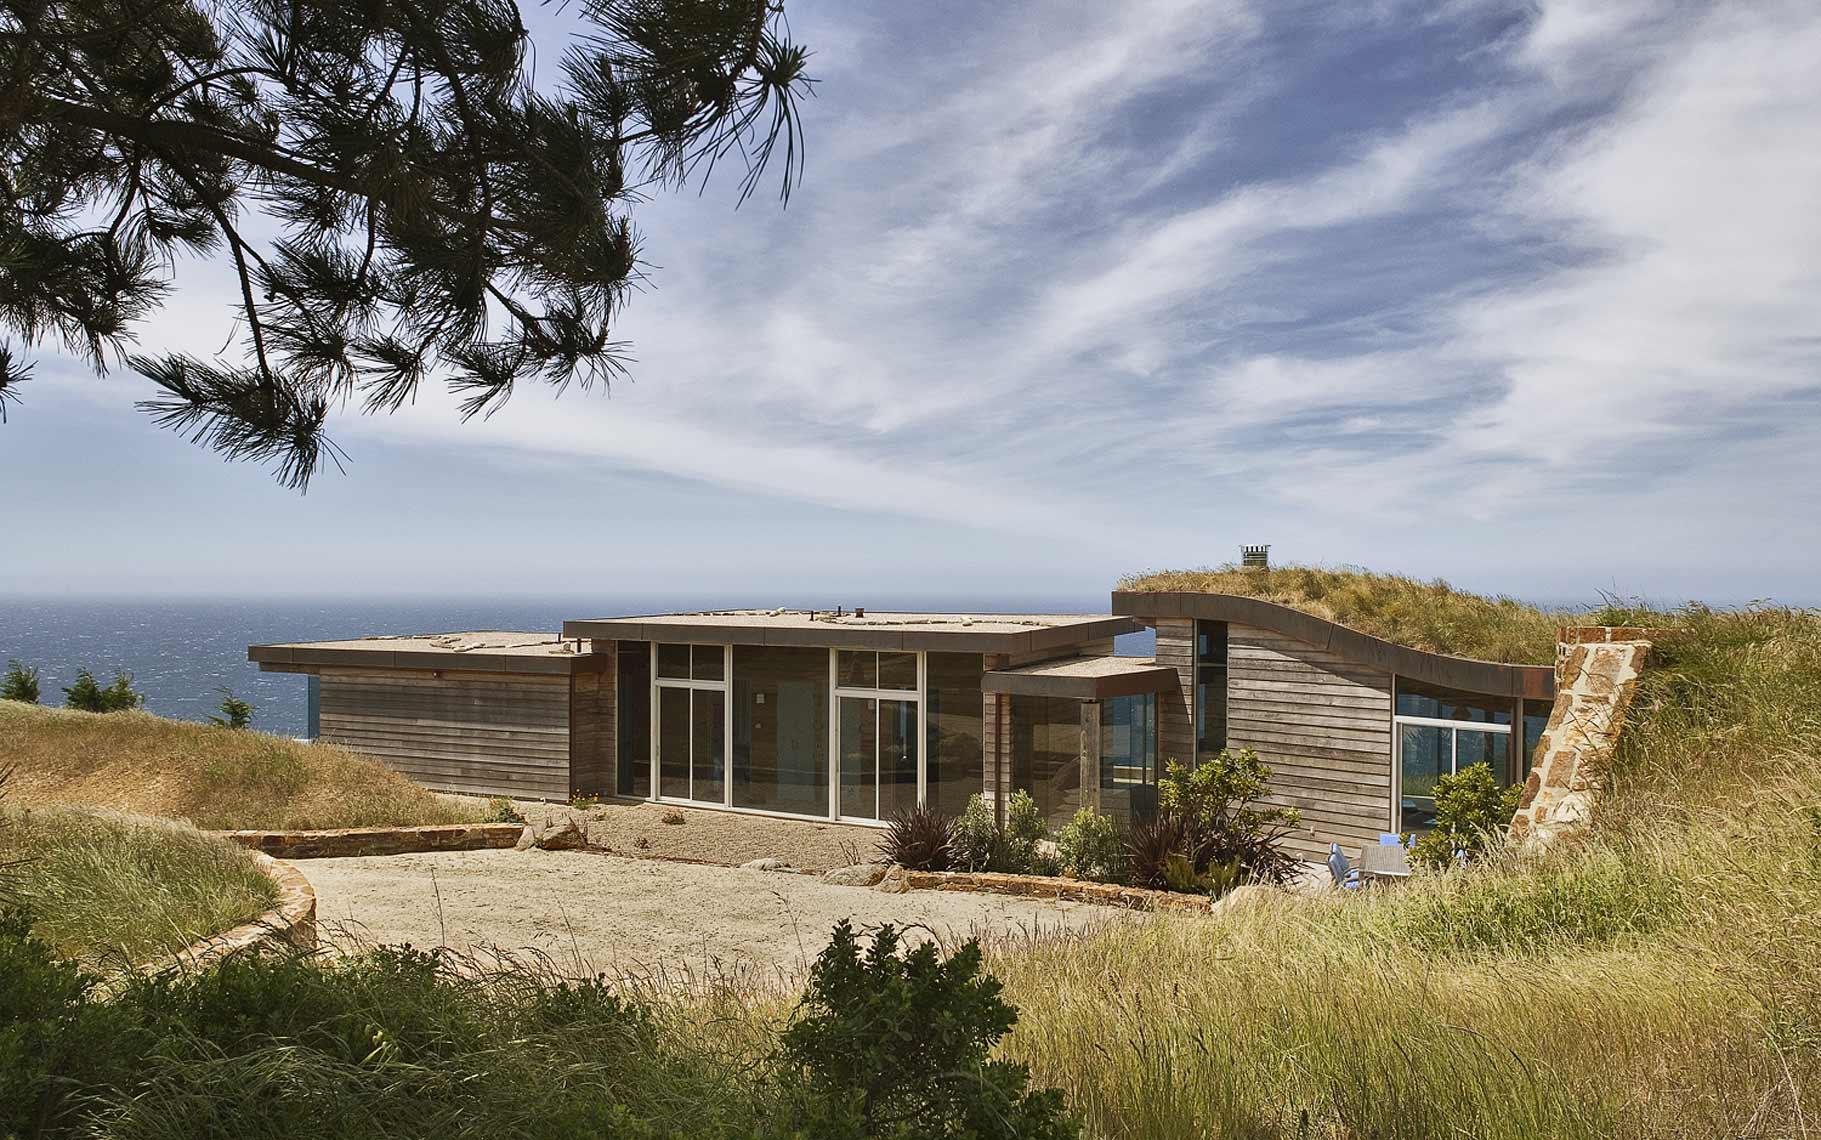 Металлопластиковые окна прекрасно сочетаются с любыми вариантами деревянных домов